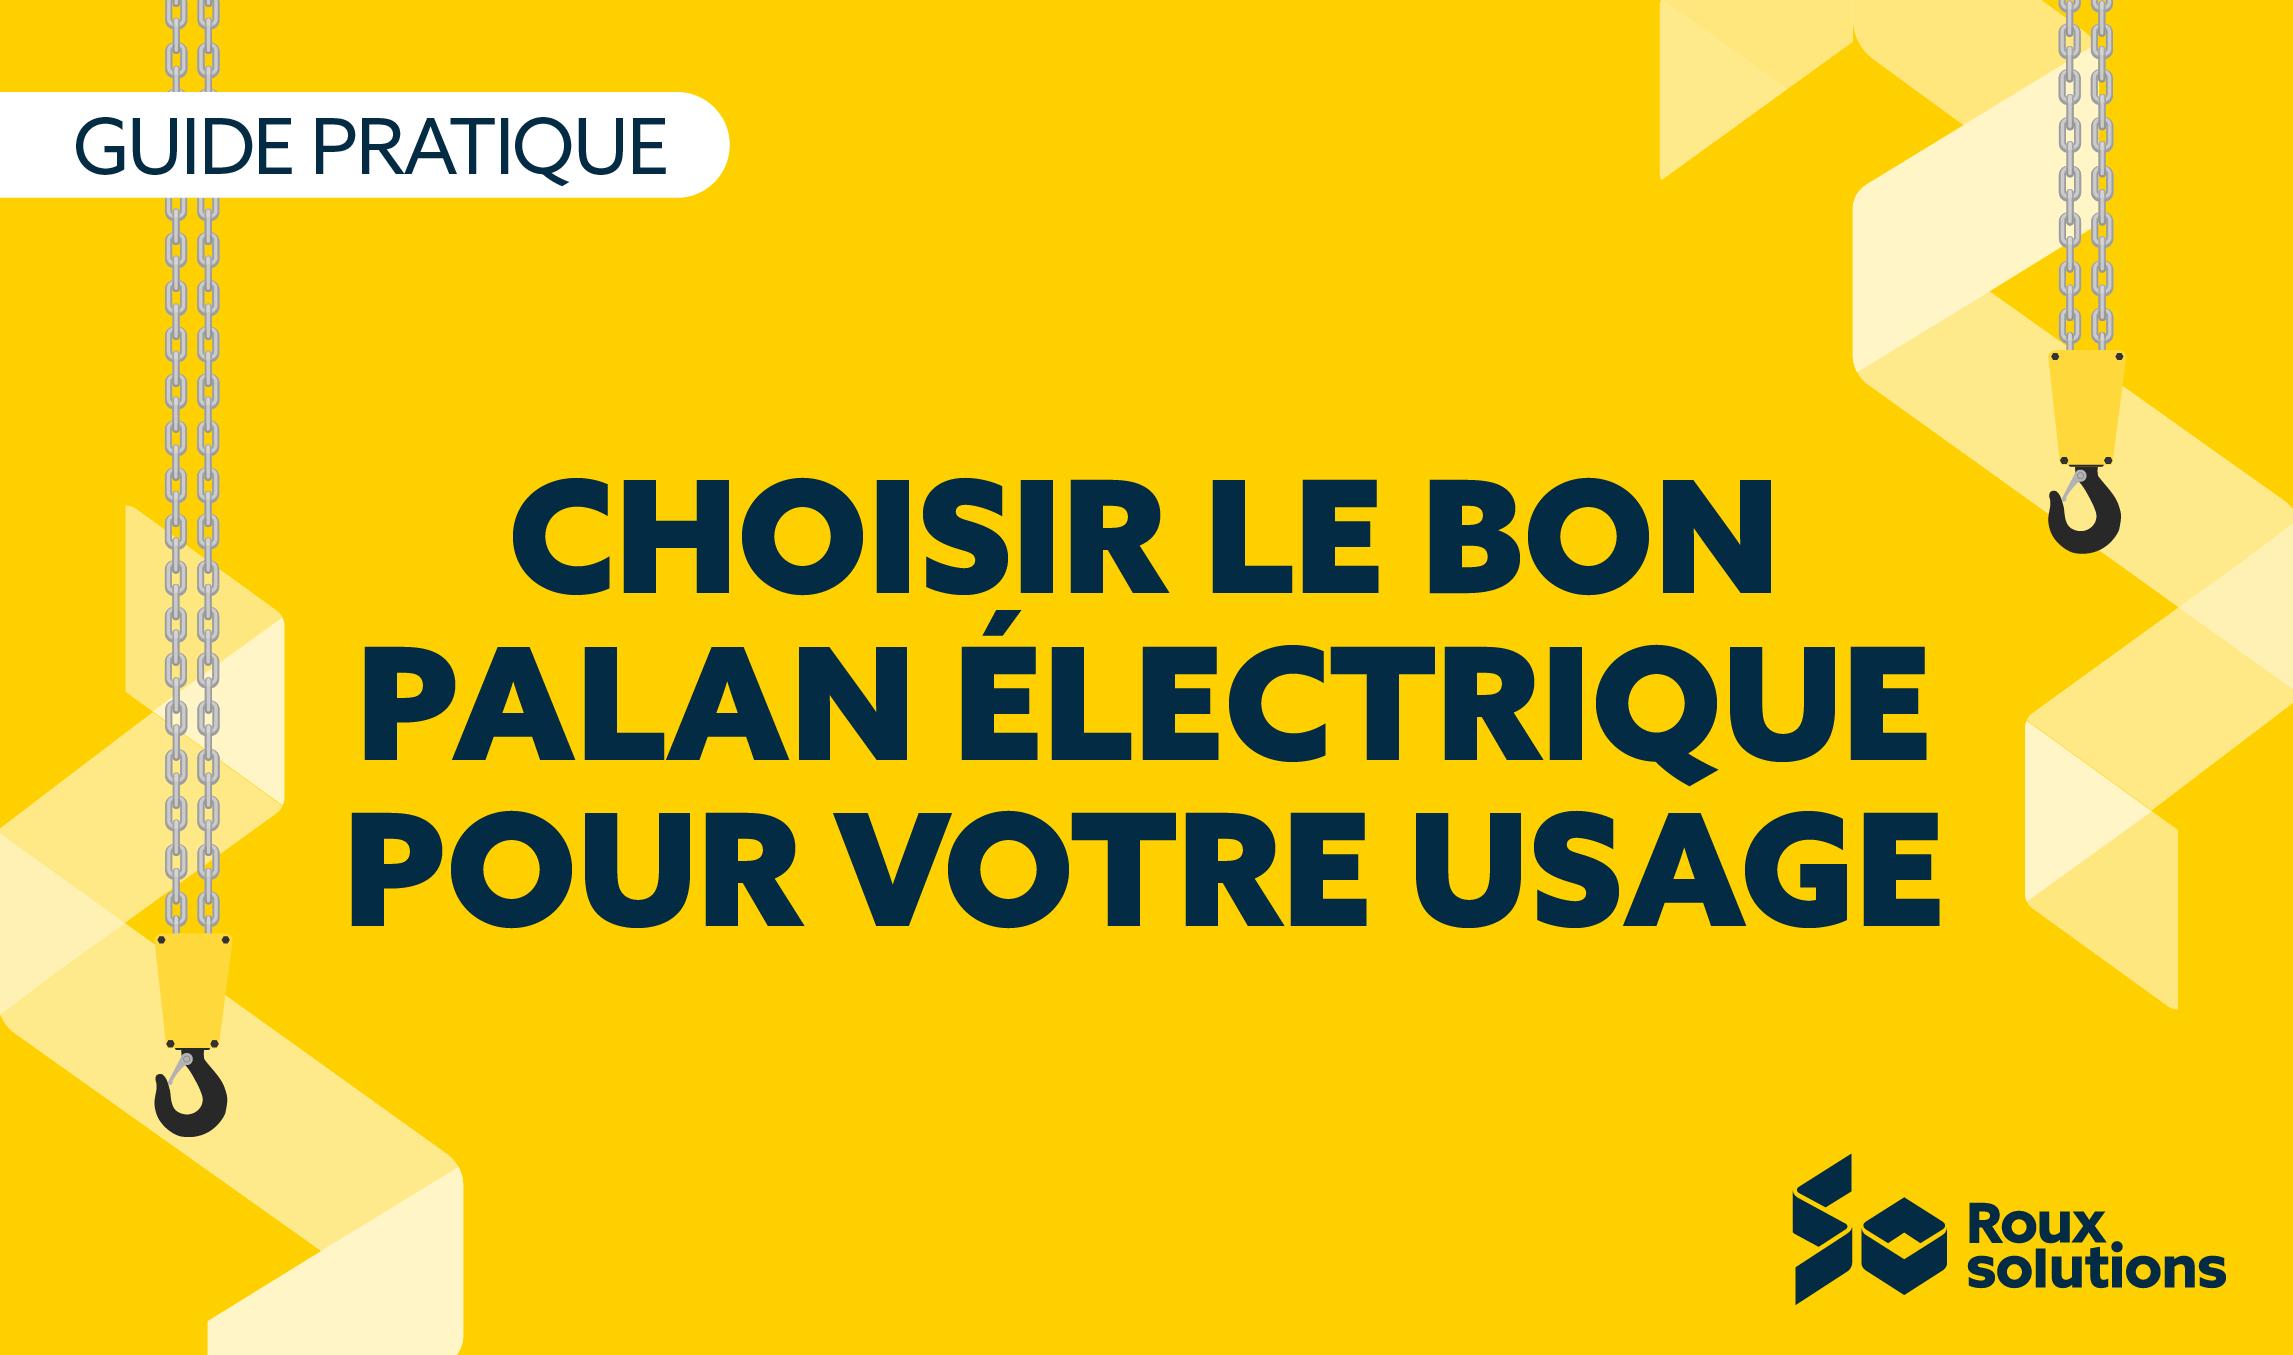 Checklist – Choisir le bon palan électrique pour votre usage